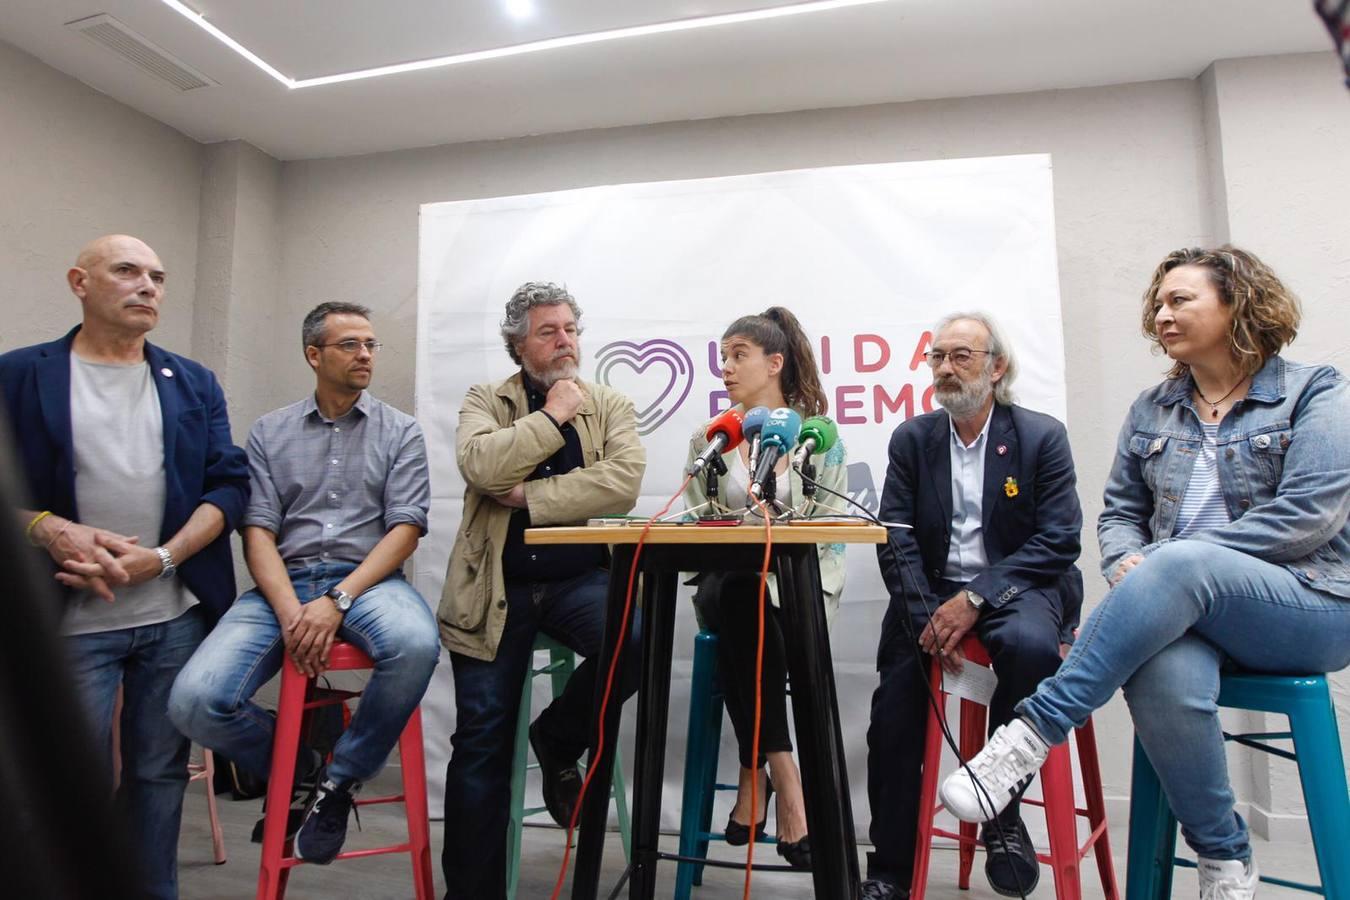 Zúñiga quiere declarar la situación de emergencia climática de Logroño